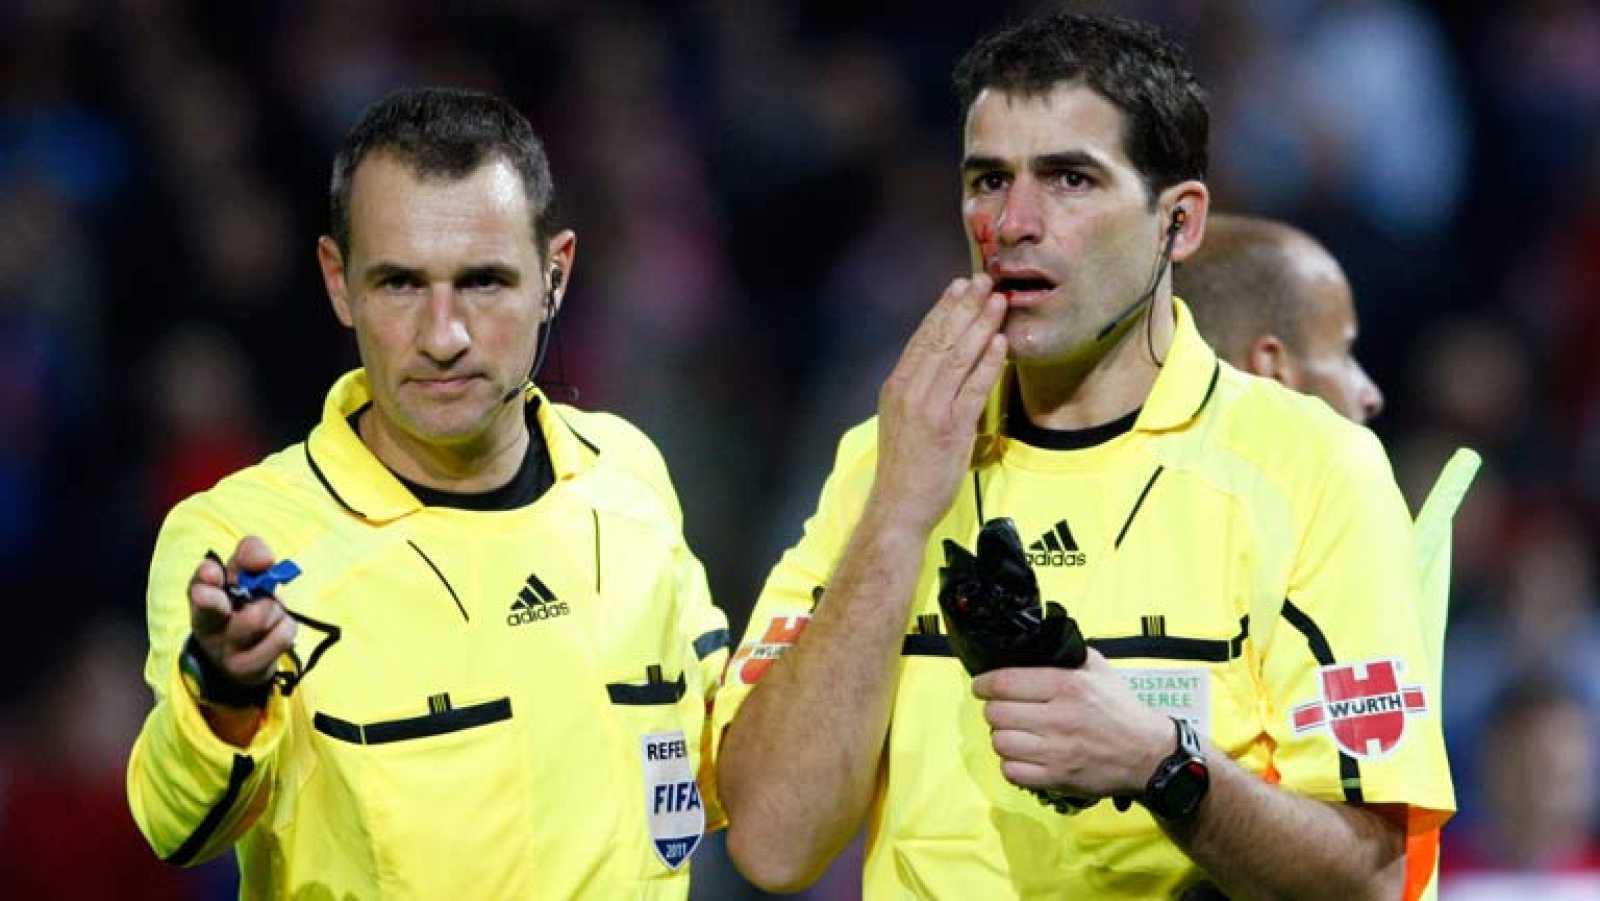 Un paraguas ha alcanzado al asistente, Xavi Aguilar, en el minuto 64. Aguilar comenzó a sangrar y Clos Gómez decidió suspender el partido Granada-Mallorca. El marcador era en esos momentos de 2-1. El agresor ha sido detenido.